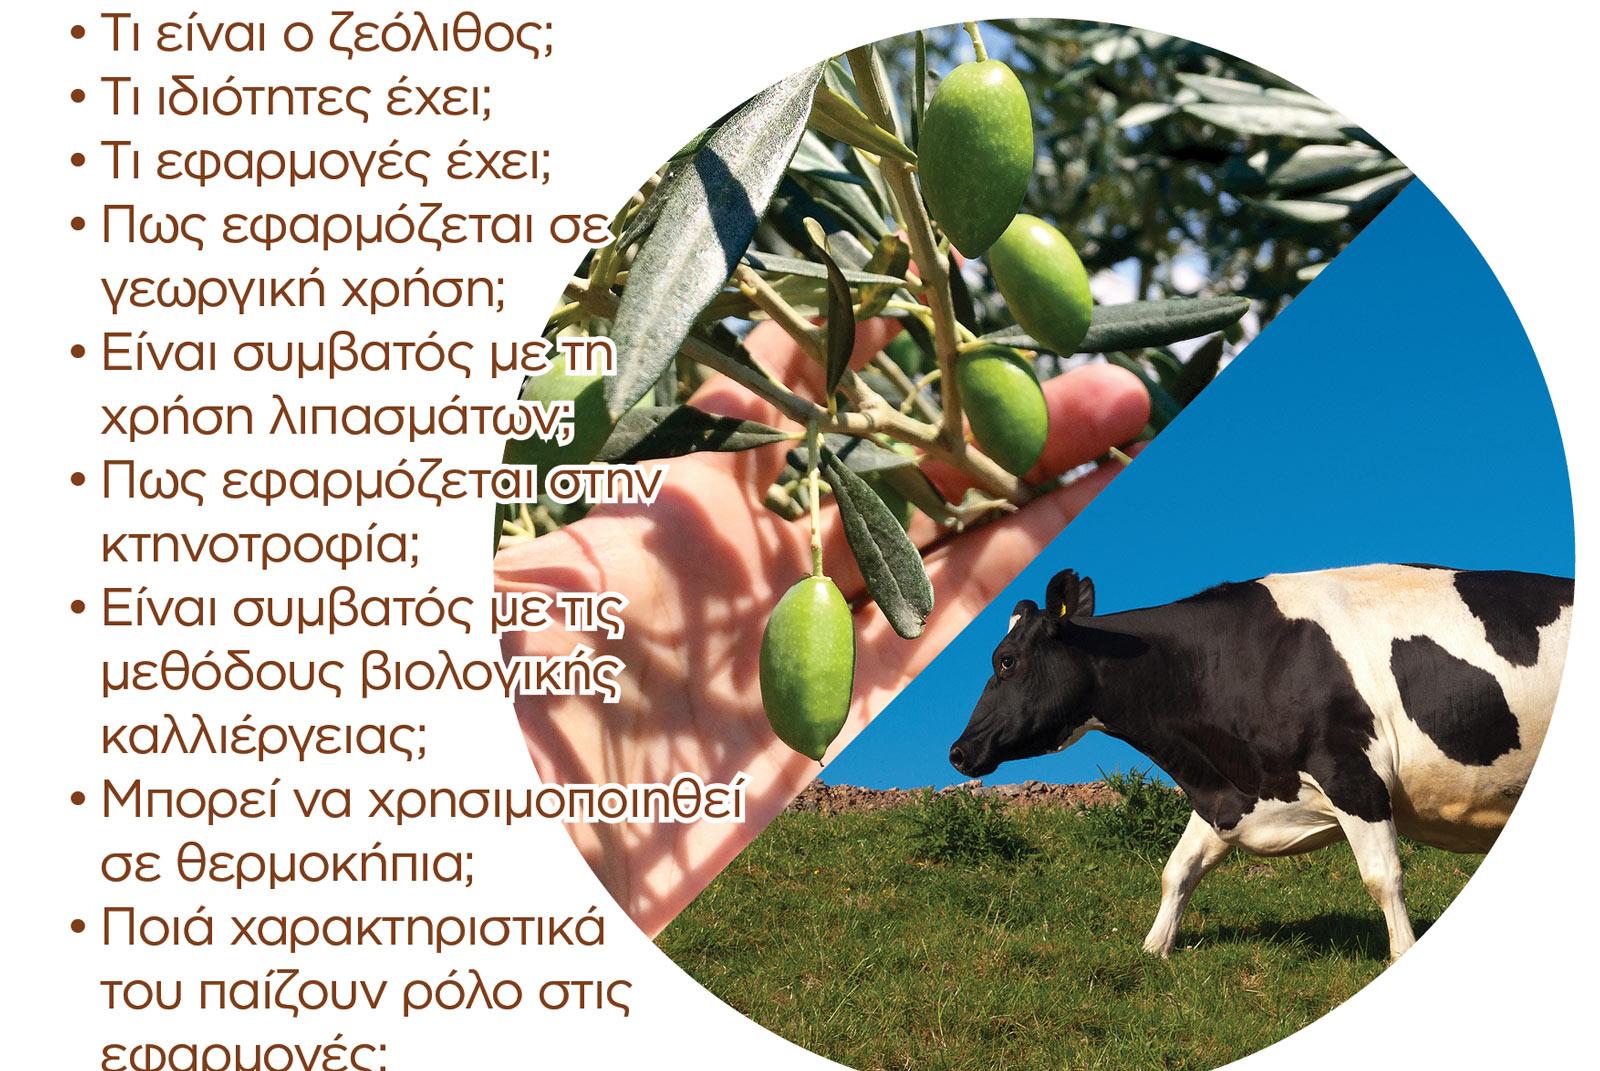 Ενημέρωση για τον ζεόλιθο, 7 Δεκέμβρη, Άβαντας Αλεξανδρούπολης